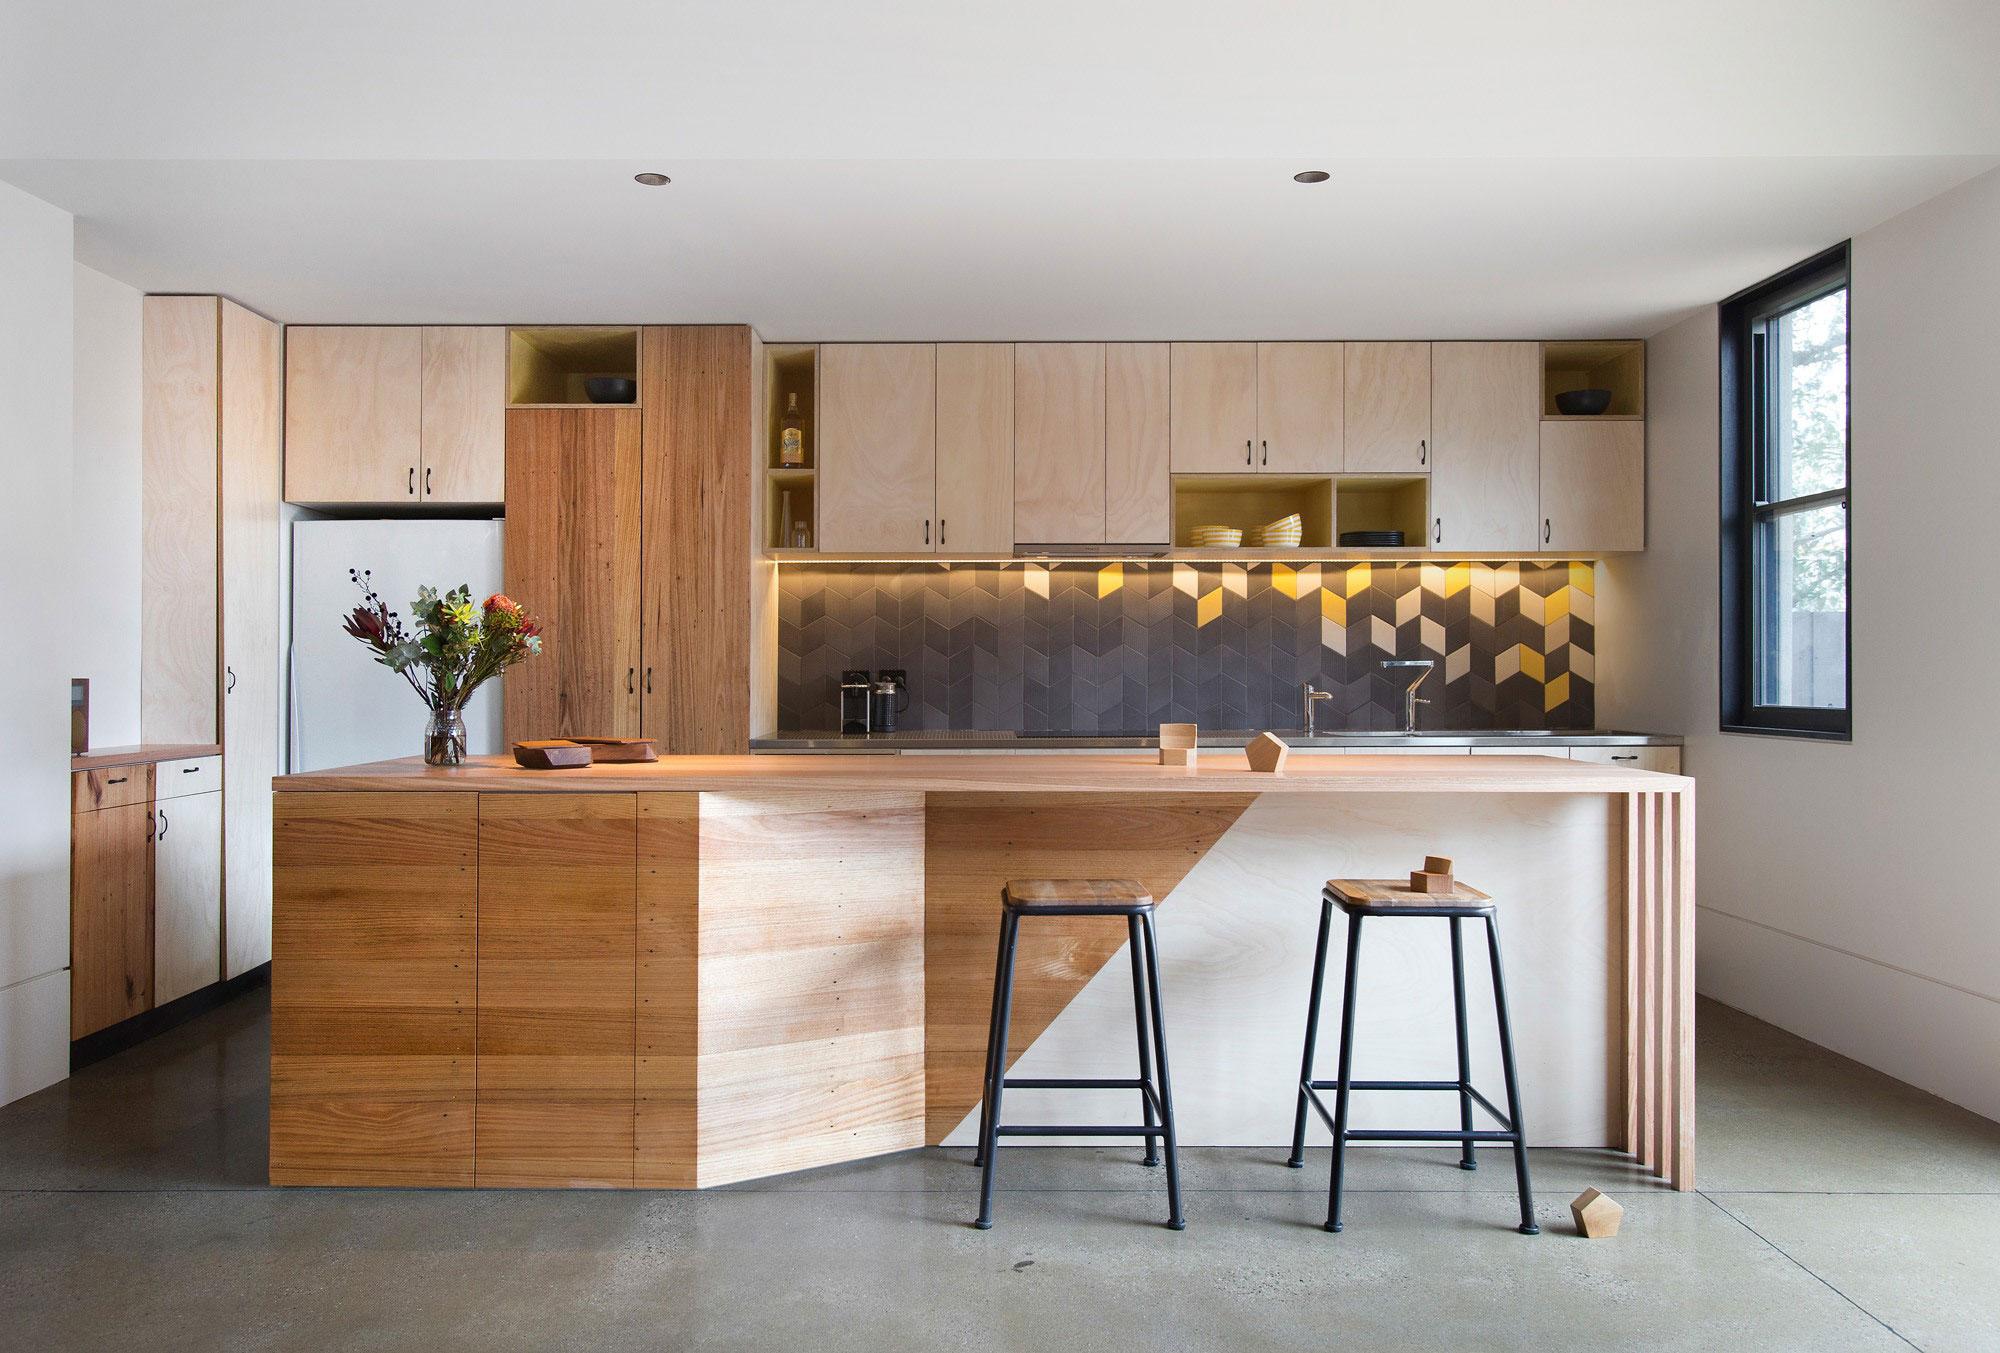 best modern kitchen design ideas modern kitchen ideas 6 The Unfinished Dream